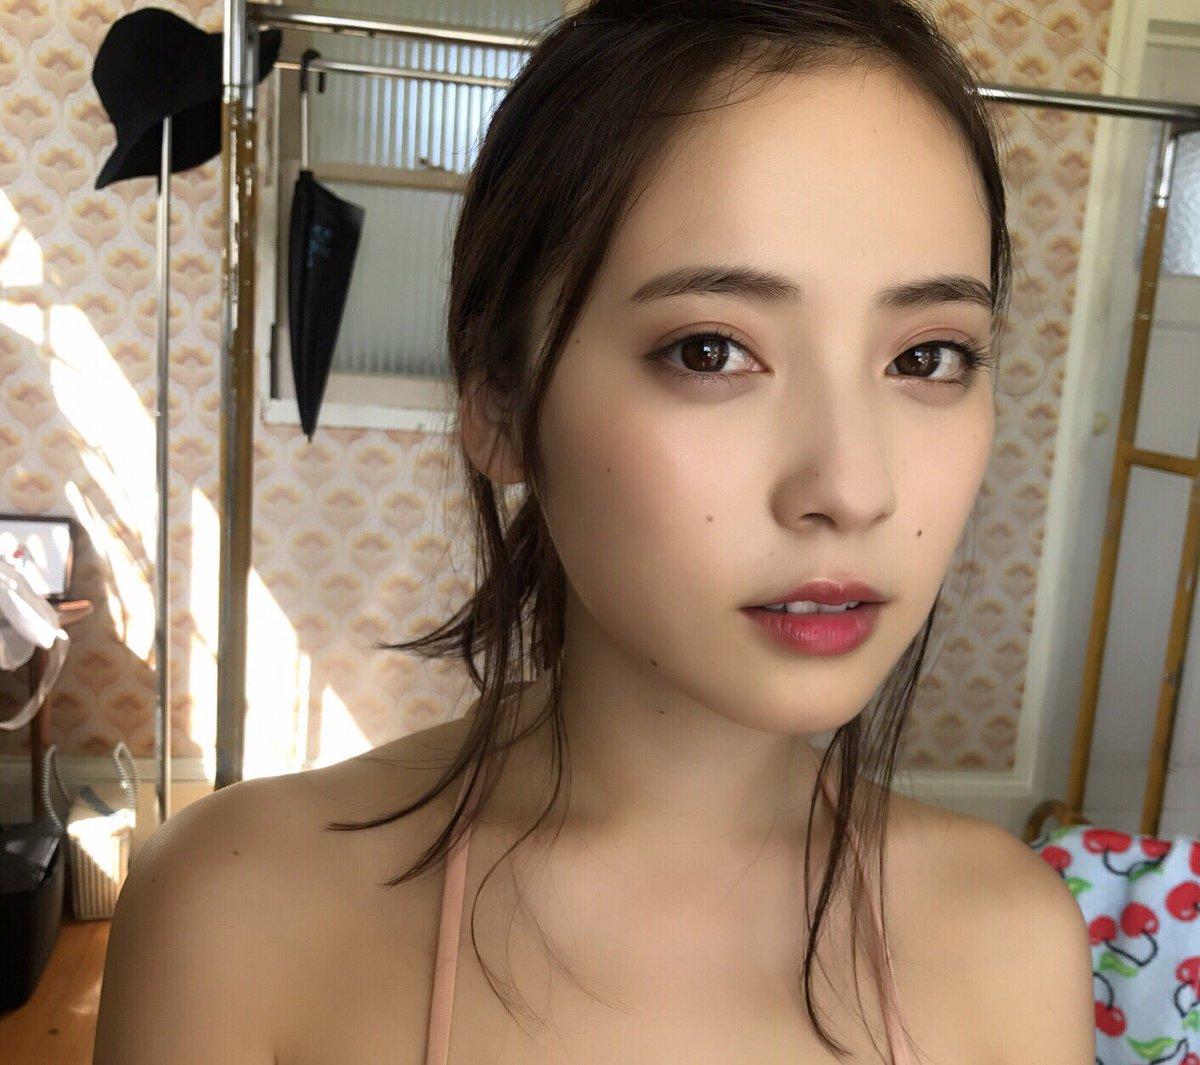 池上紗理依(22)ホクロ美女の水着グラビアエロ画像70枚・41枚目の画像